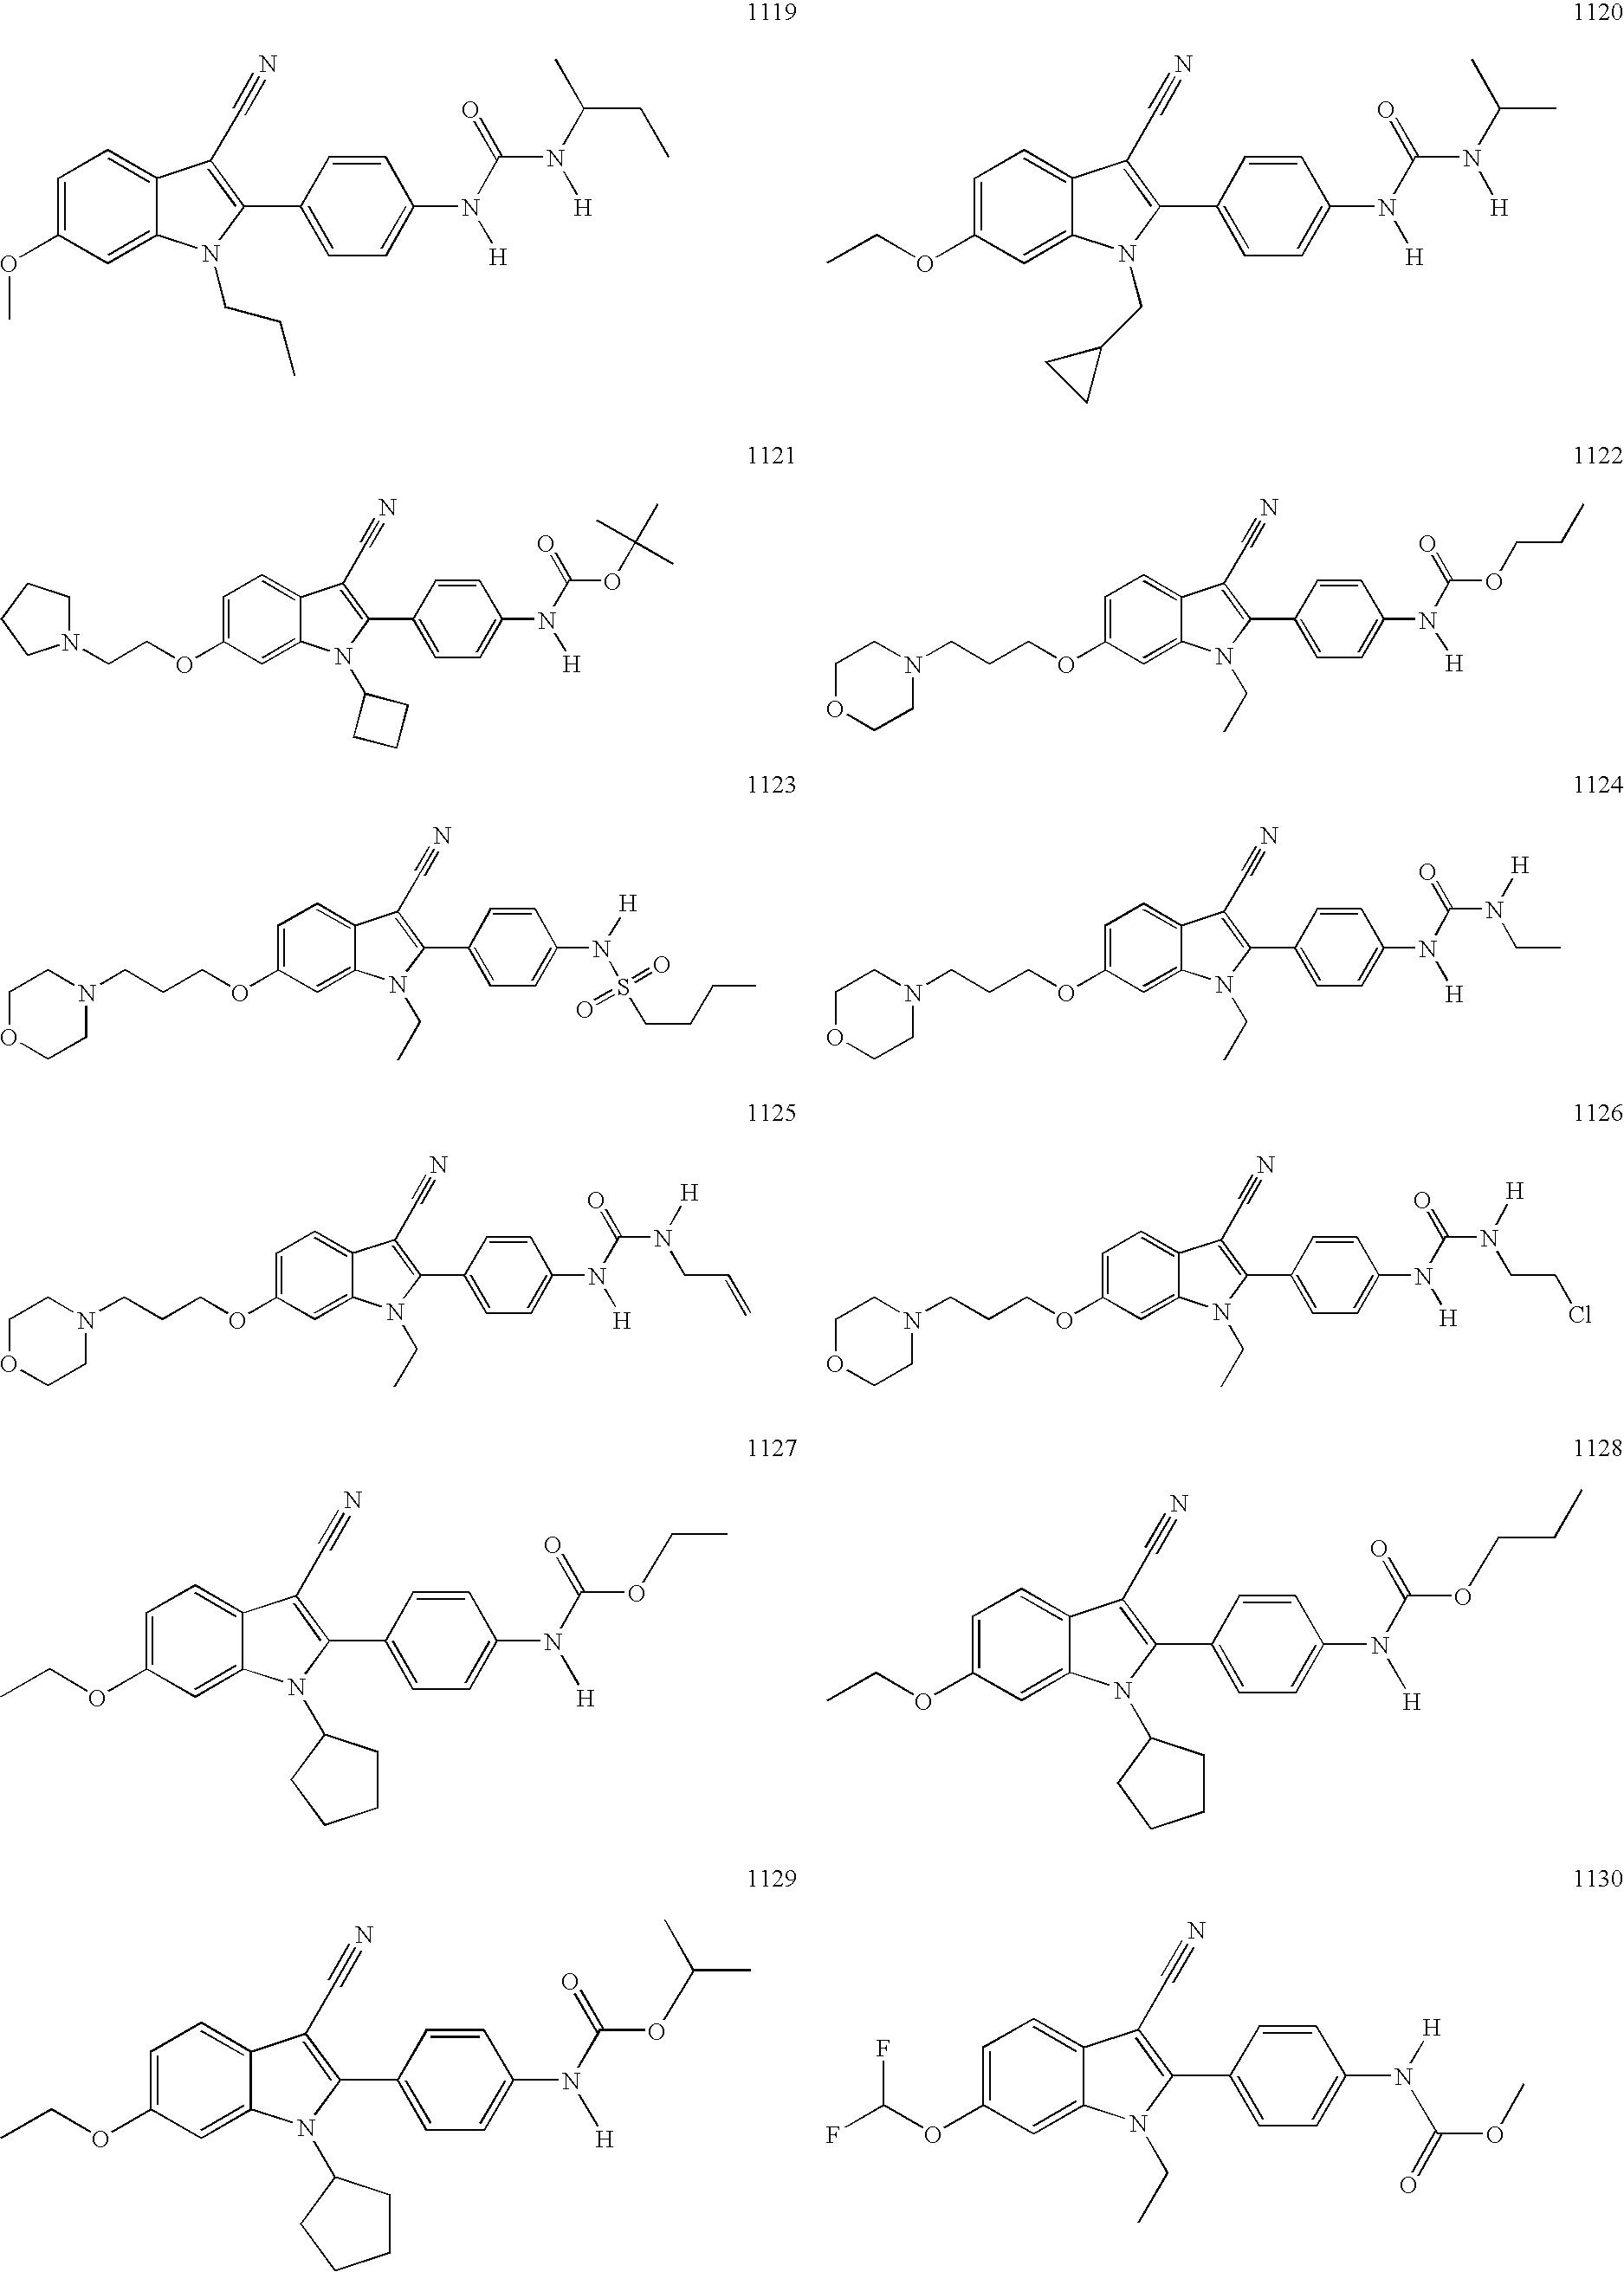 Figure US07781478-20100824-C00203